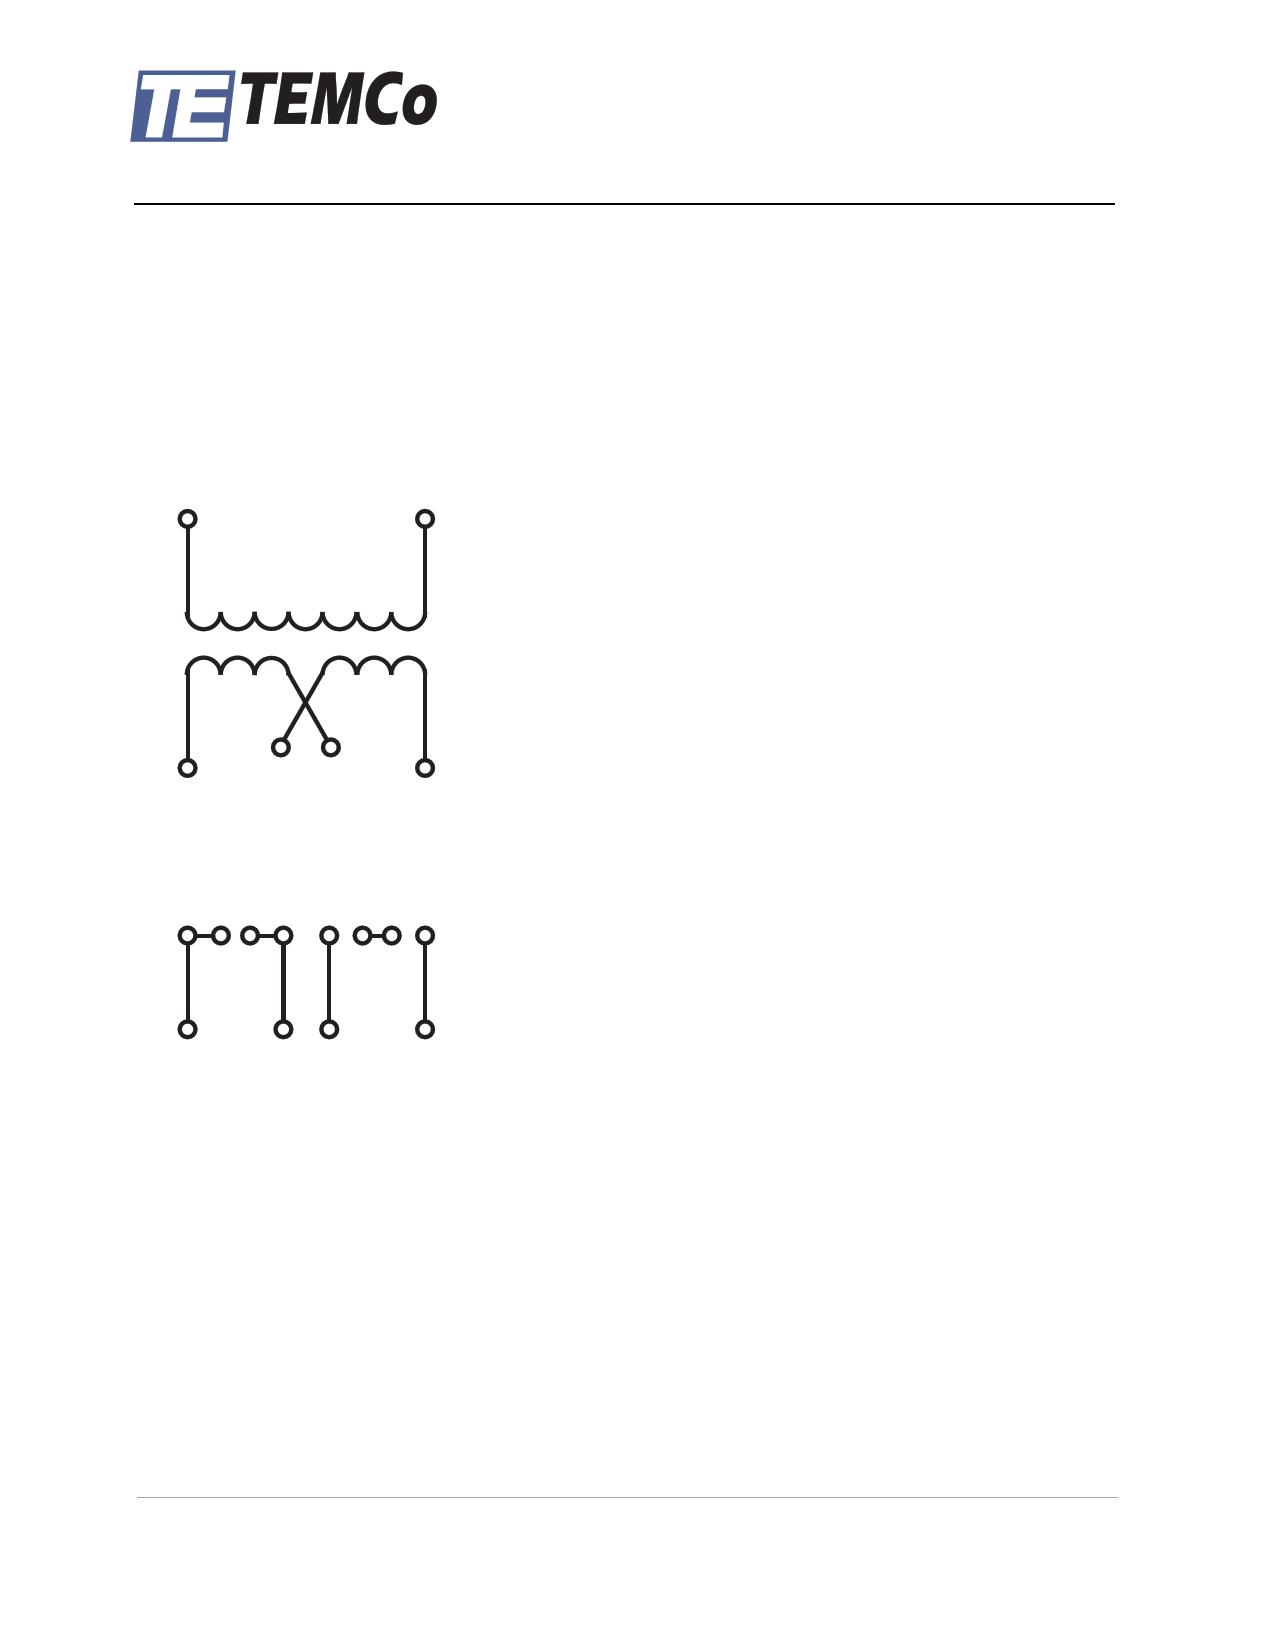 tt2236 pdf 데이터시트 - (tt2232 - tt2246) control transformer ... temco control transformer t01232 wiring diagram